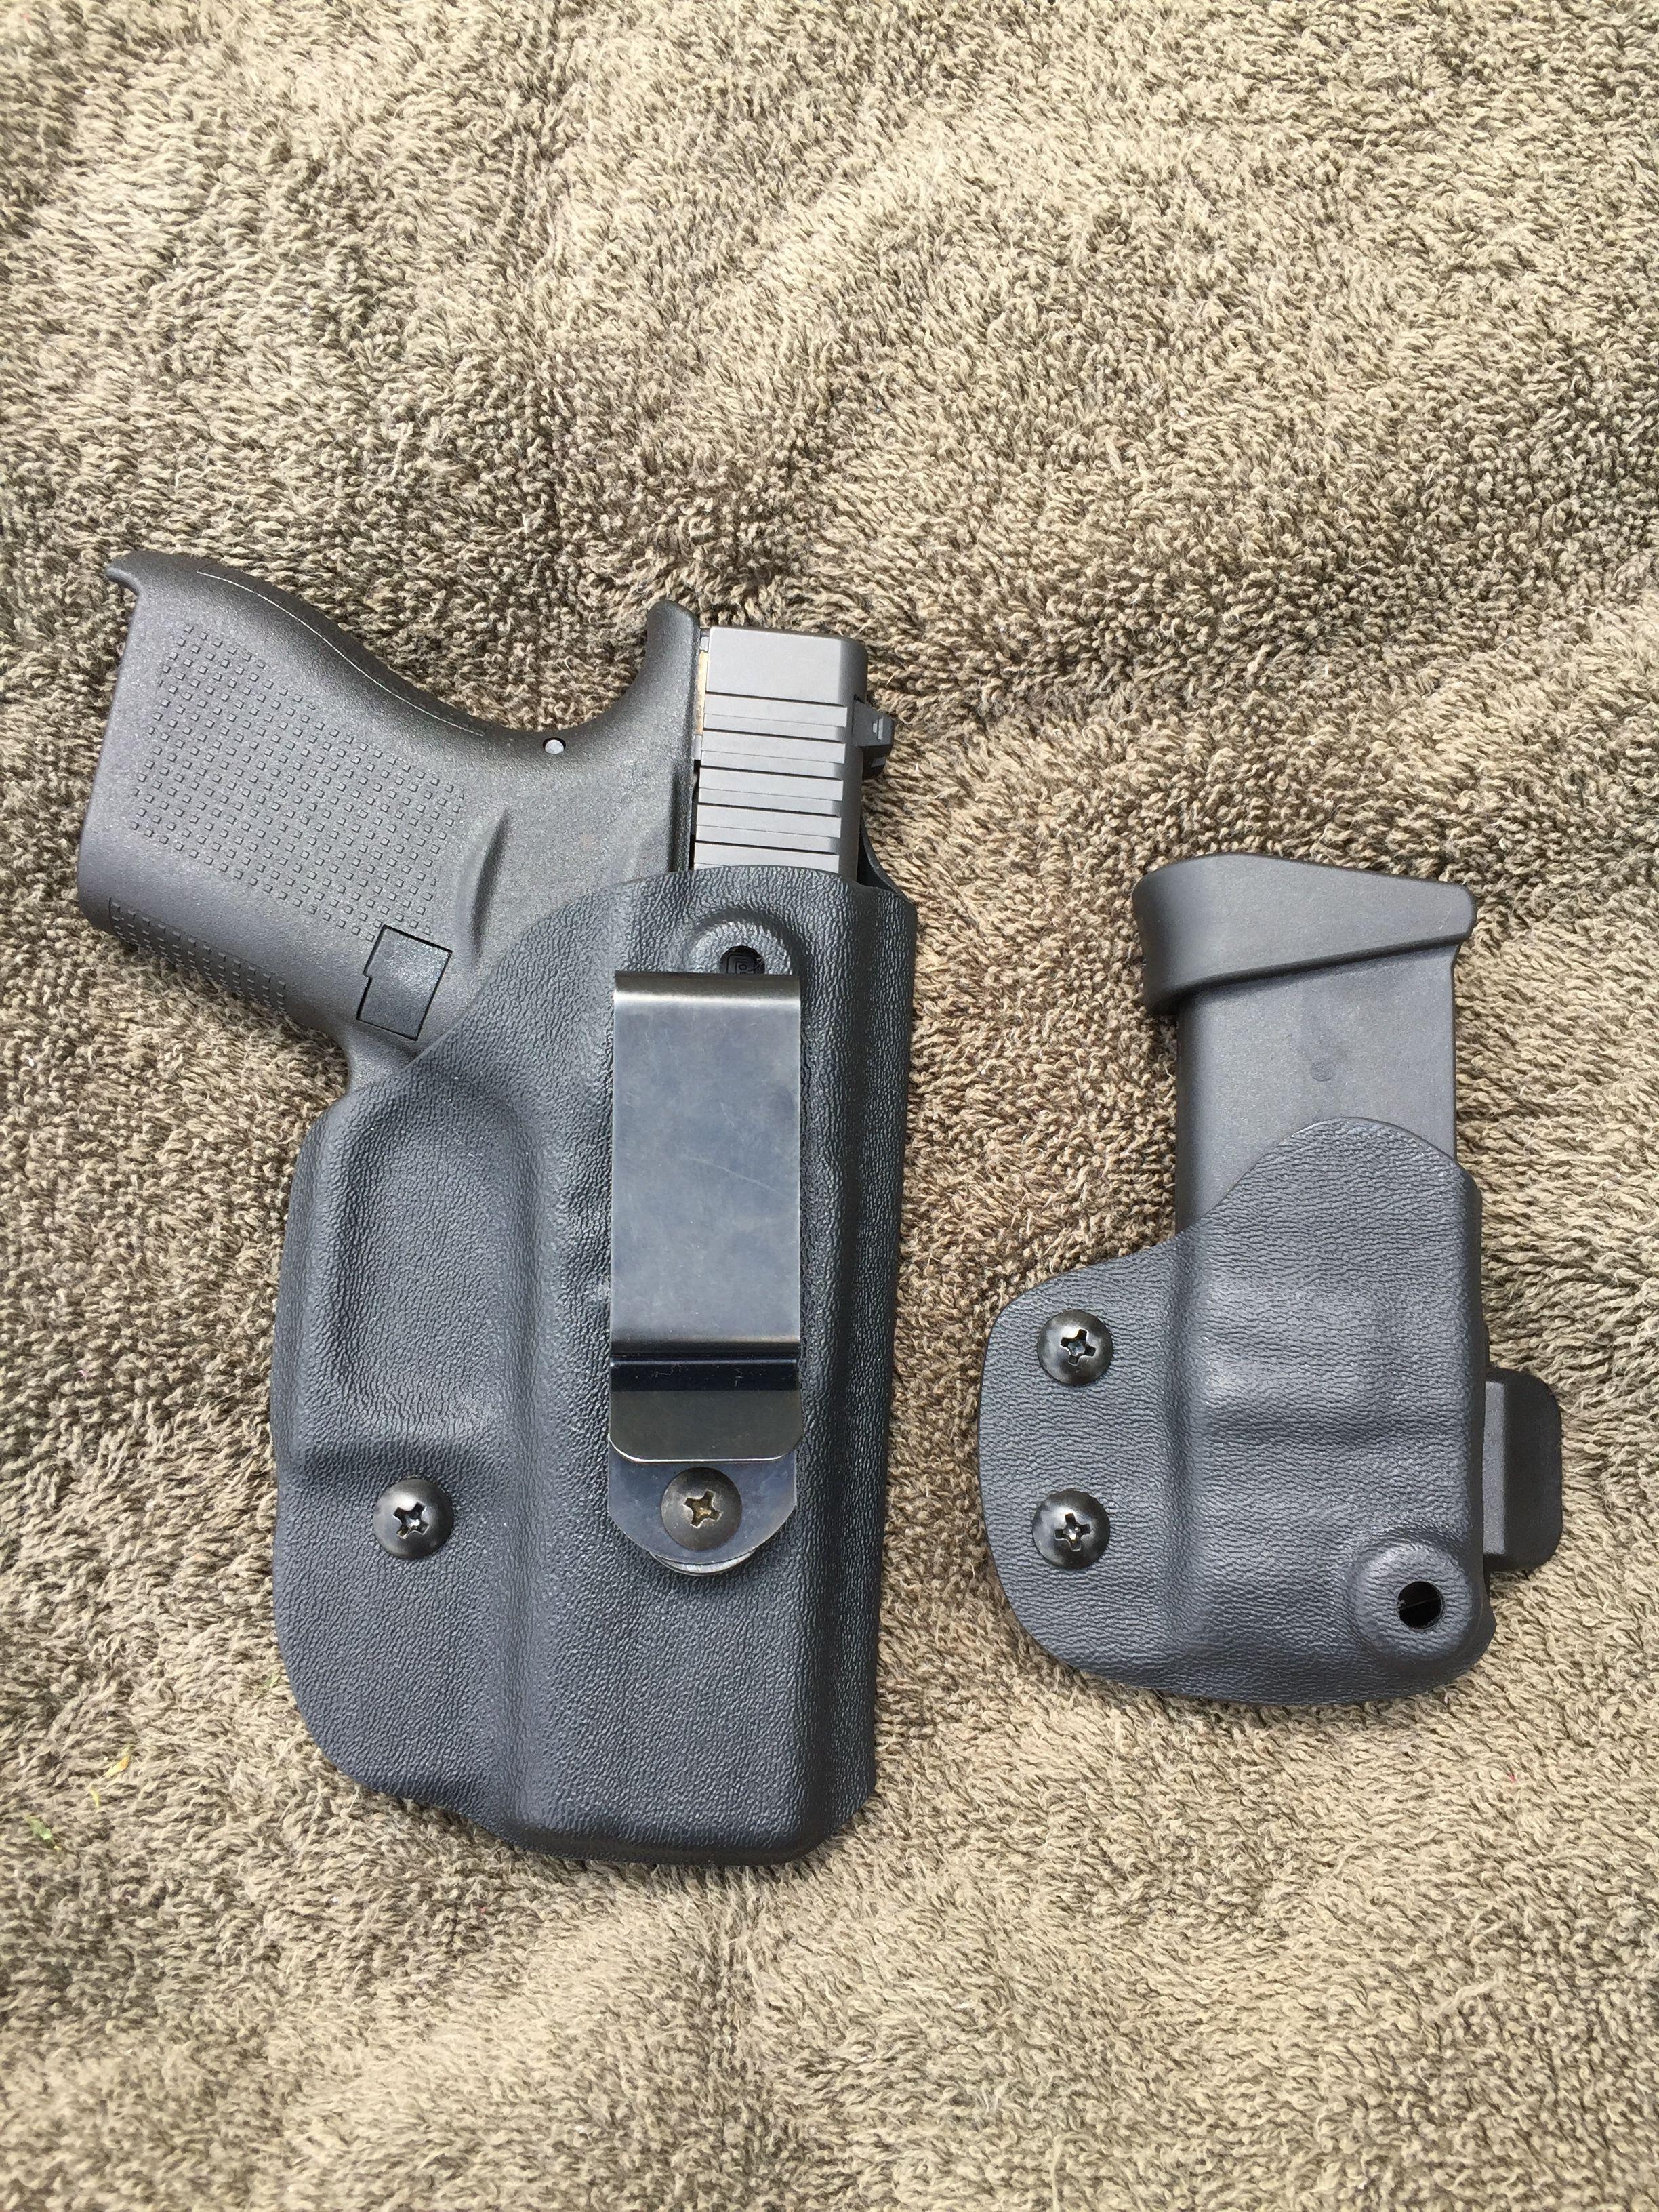 NEW! Glock 43 IWB Holster & G43 IWB/ OWB Magazine Carrier